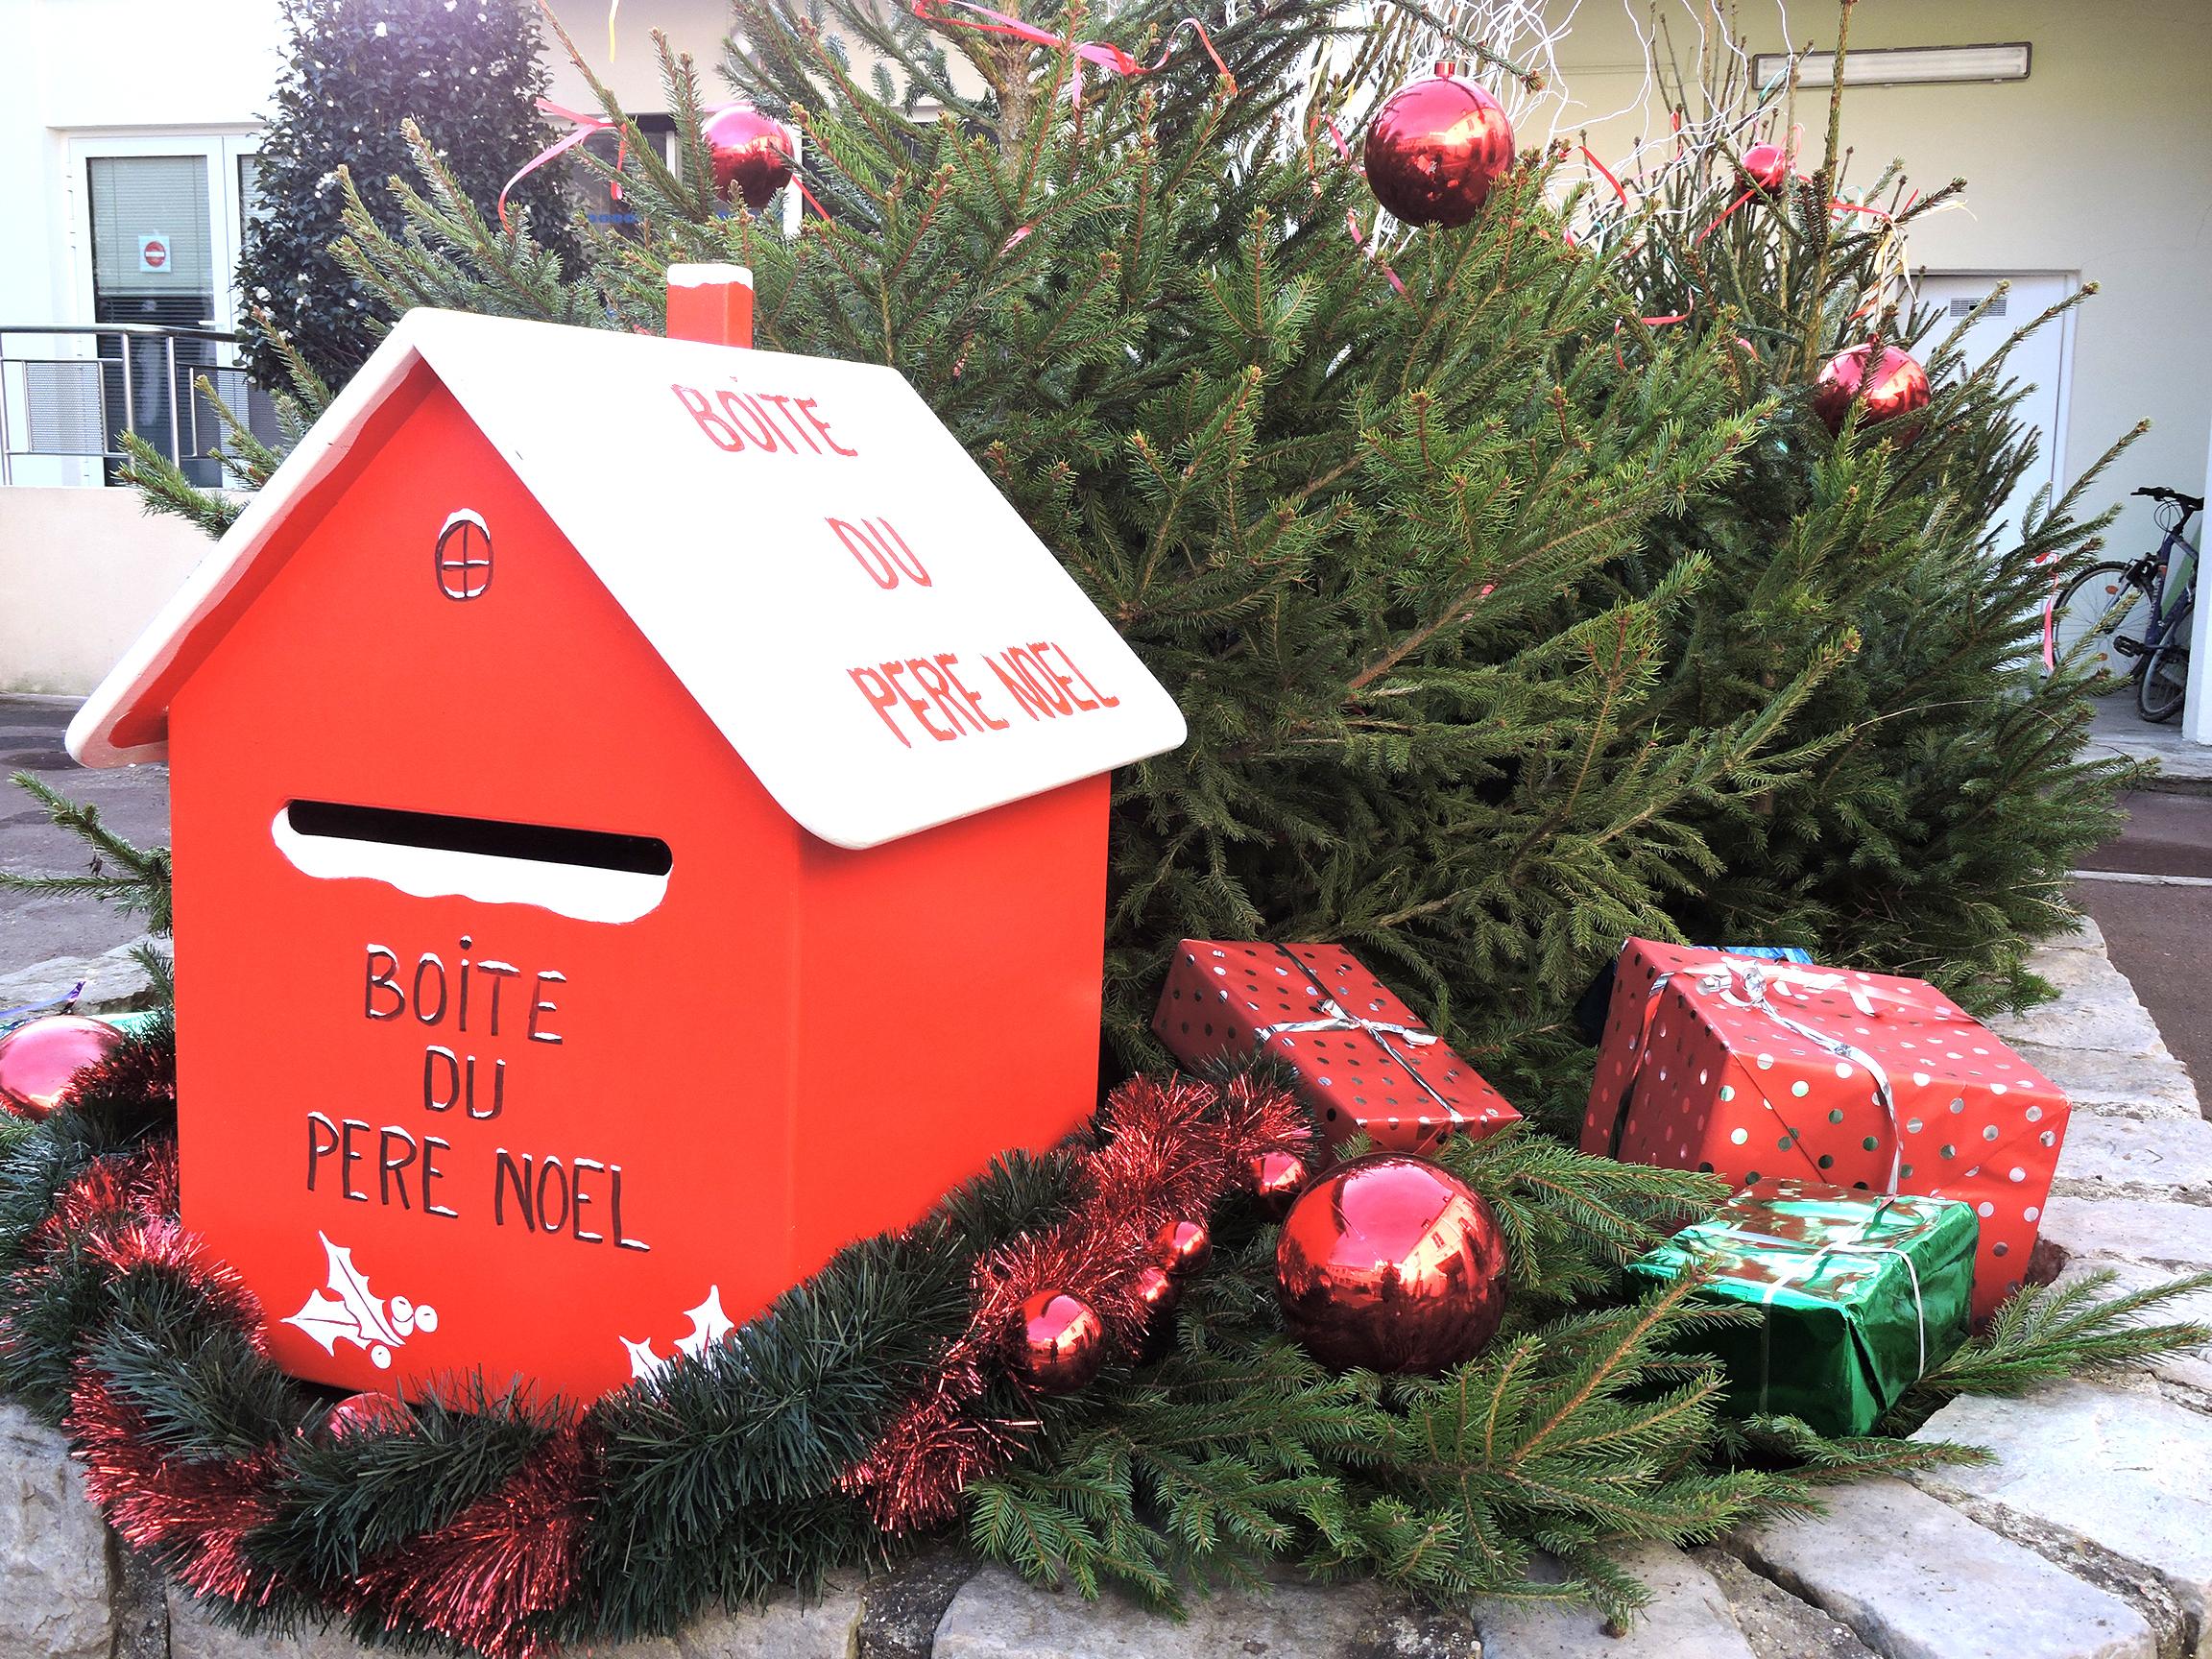 La Boîte Aux Lettres Du Père Noël | Mairie De Villeparisis 77 concernant Reponse Lettre Du Pere Noel A Imprimer